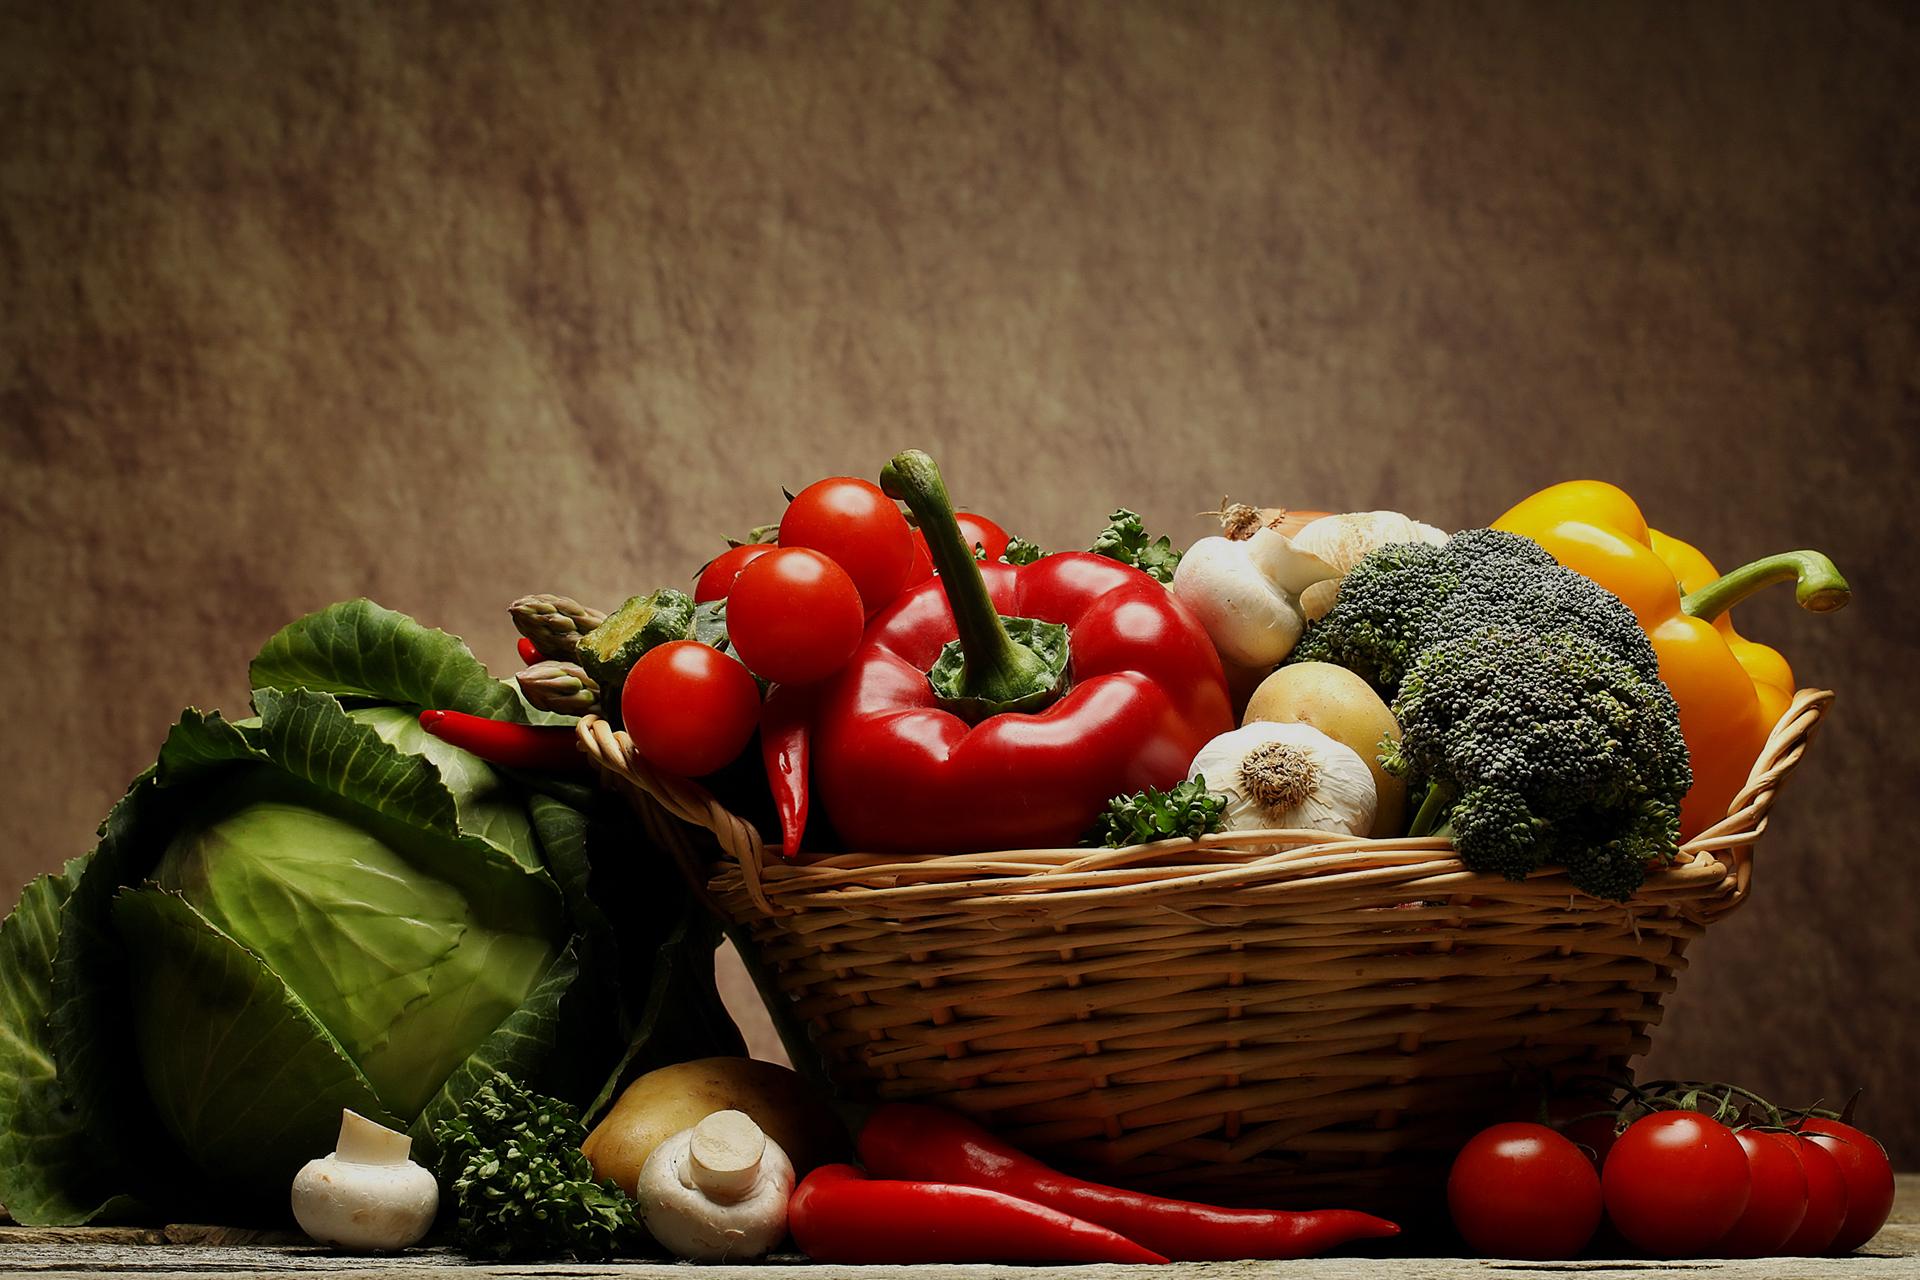 cours de cuisine avec un chef à domicile | le blog invite1chef - Cours De Cuisine A Domicile